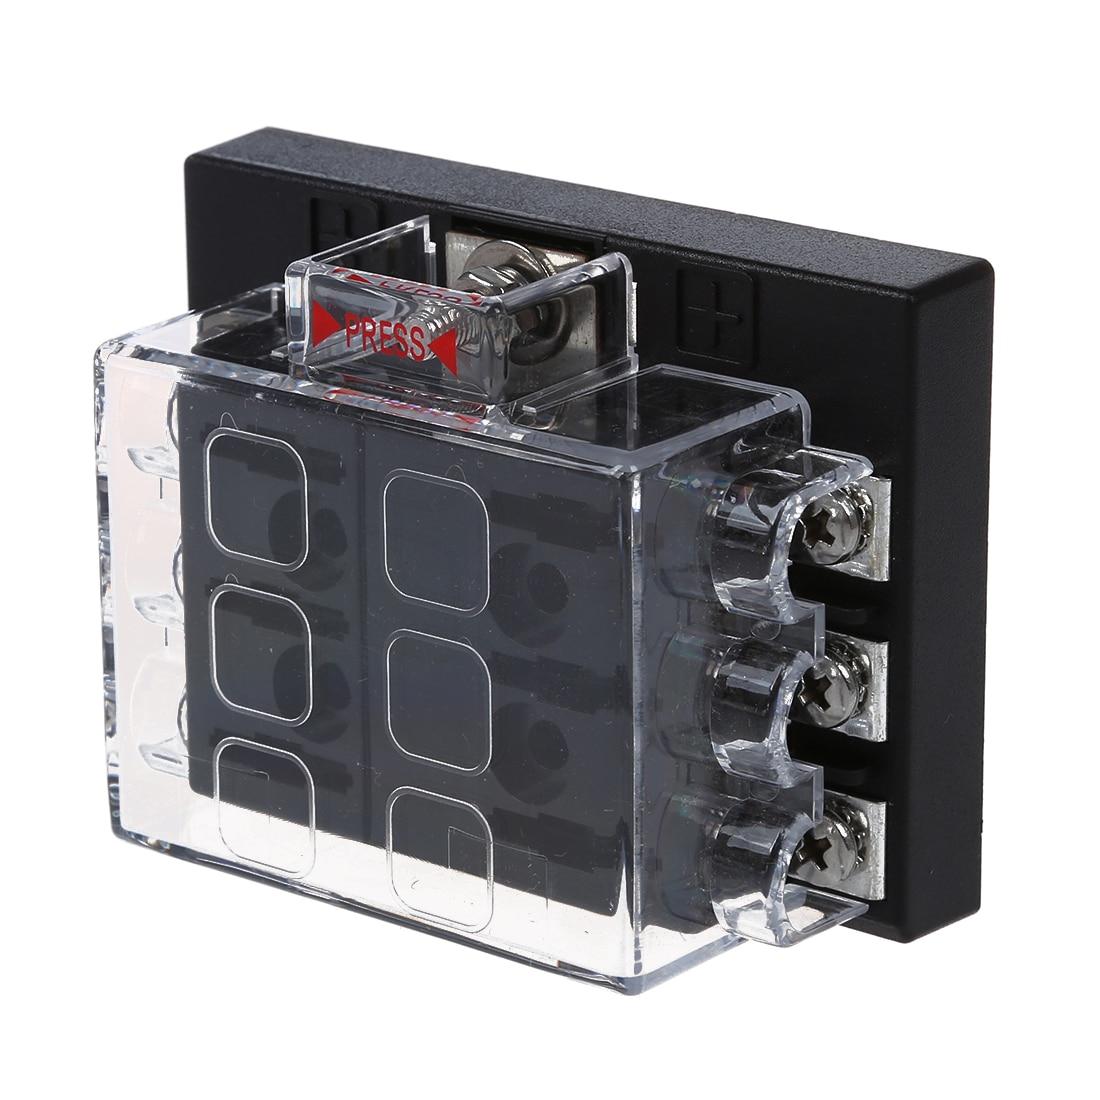 fuse holder box case plug for car autos 6 places [ 1100 x 1100 Pixel ]